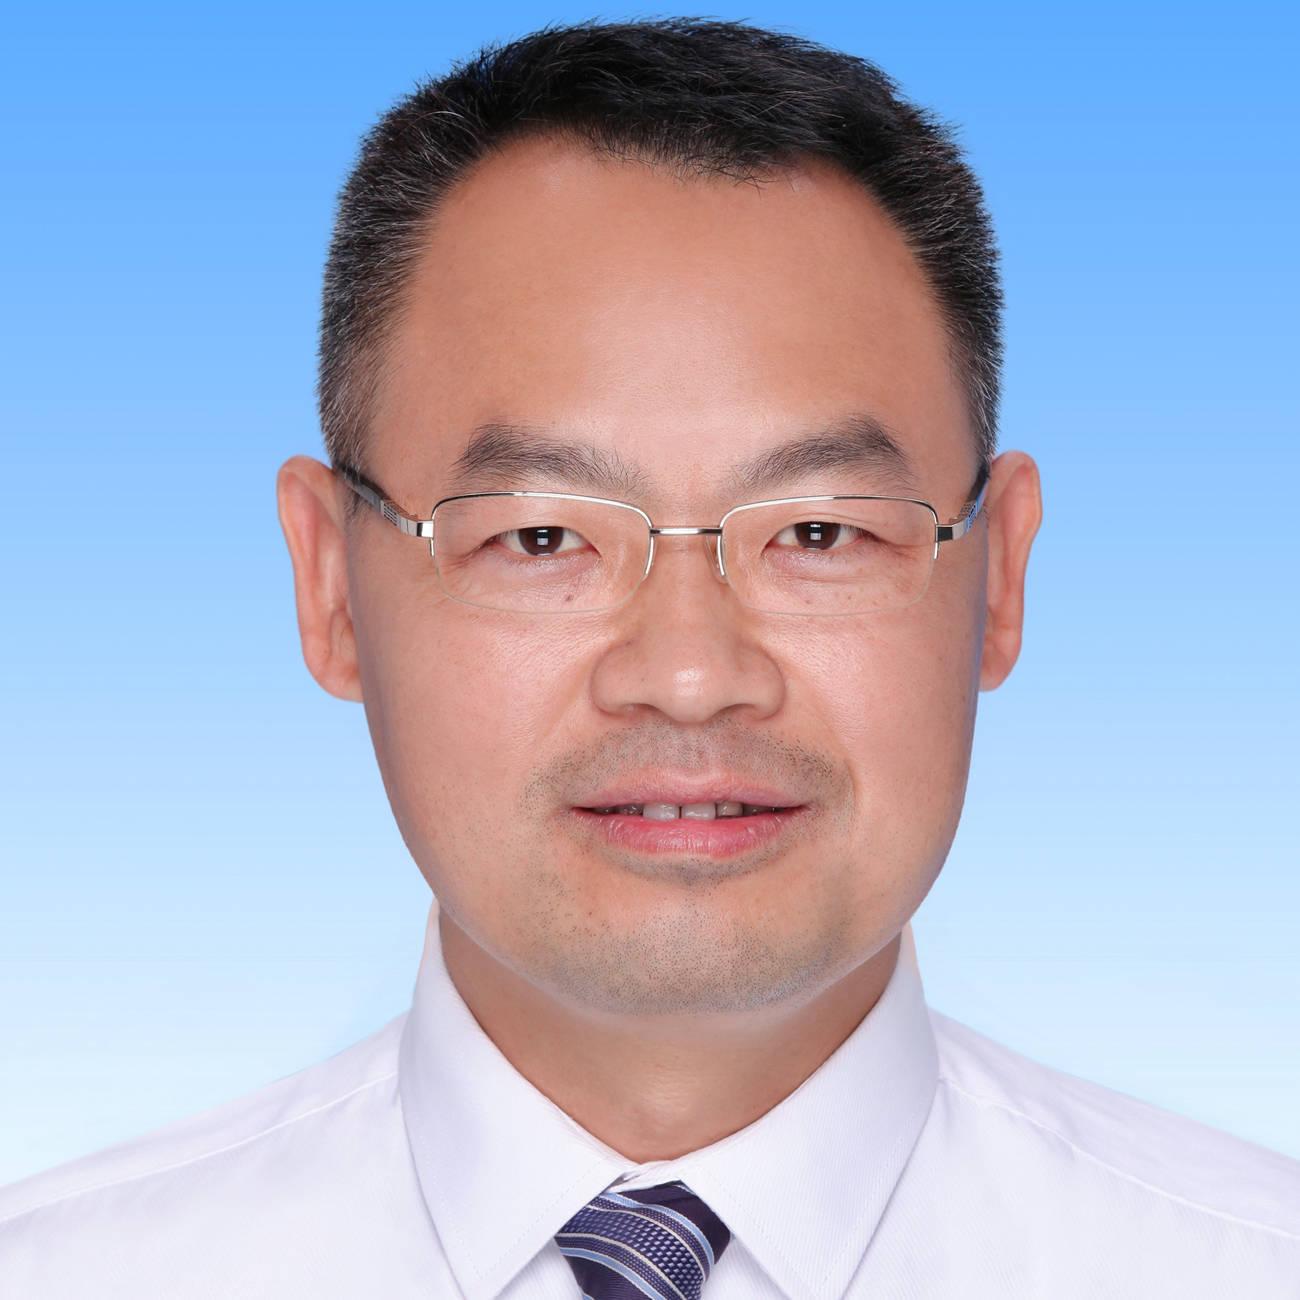 广西医科大学第二附属医院副院长/急诊科主任 张剑峰·照片